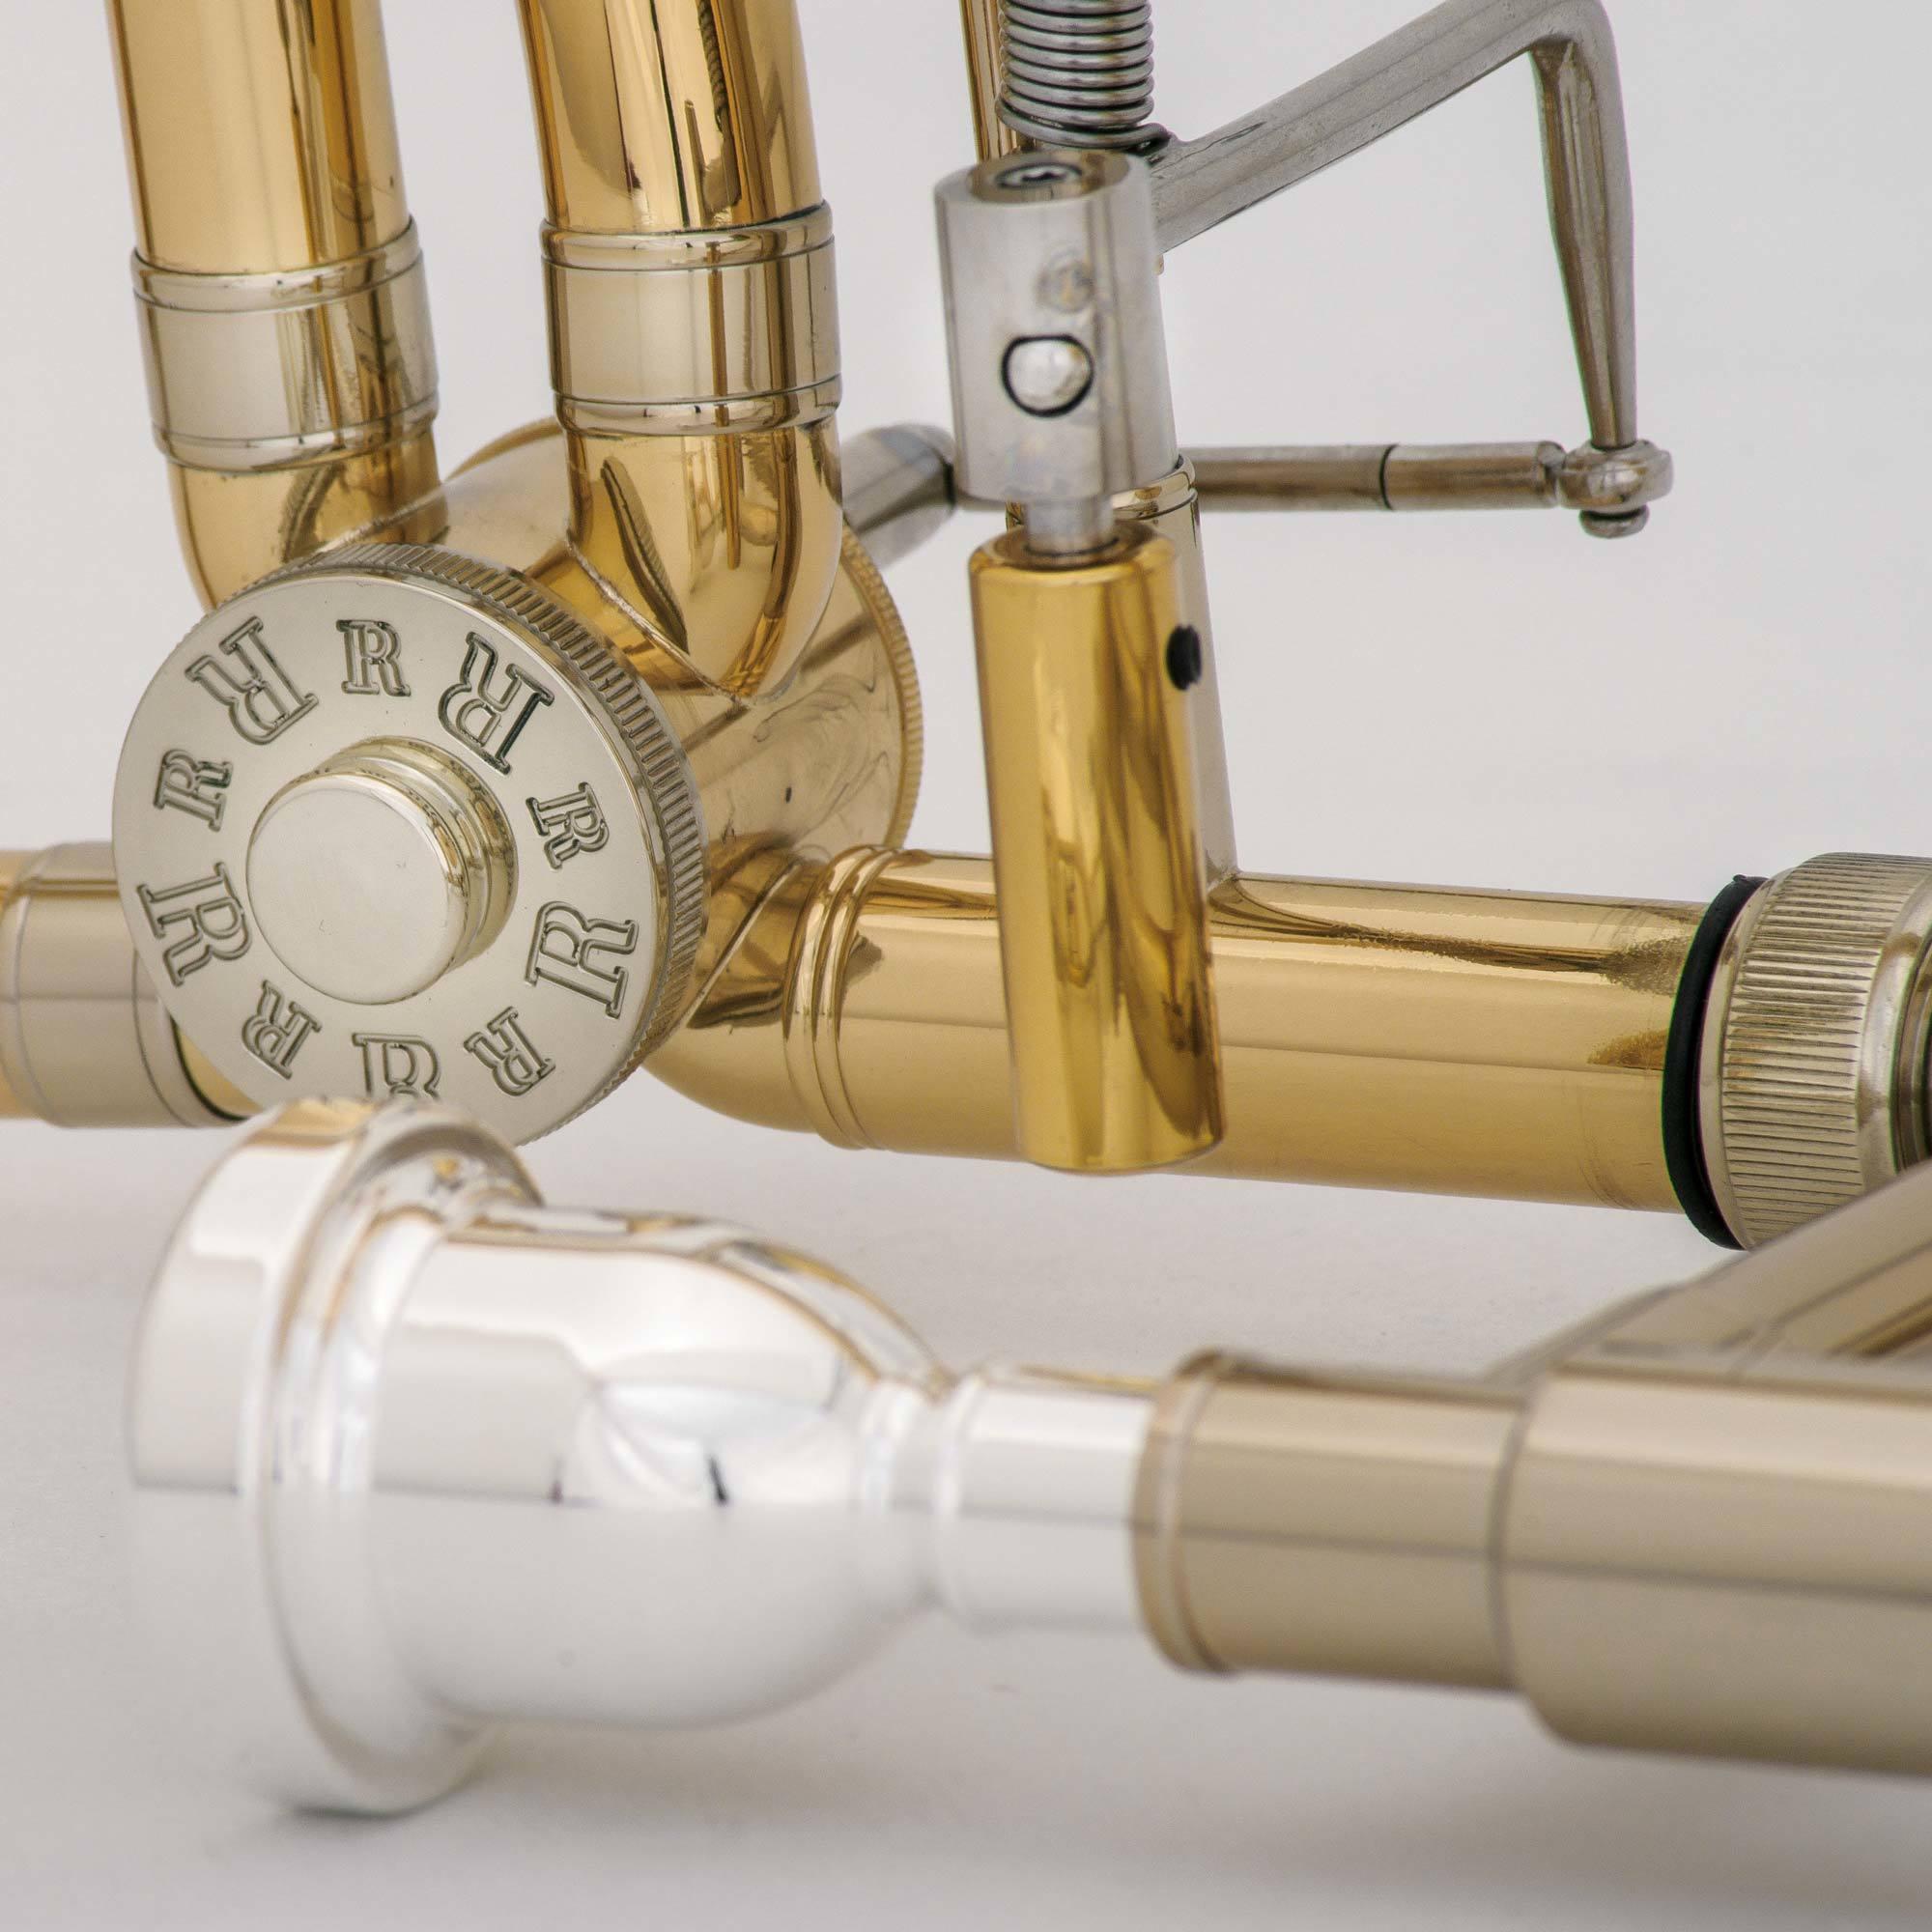 John Packer JP233 Rath Bb/F Bass Trombone